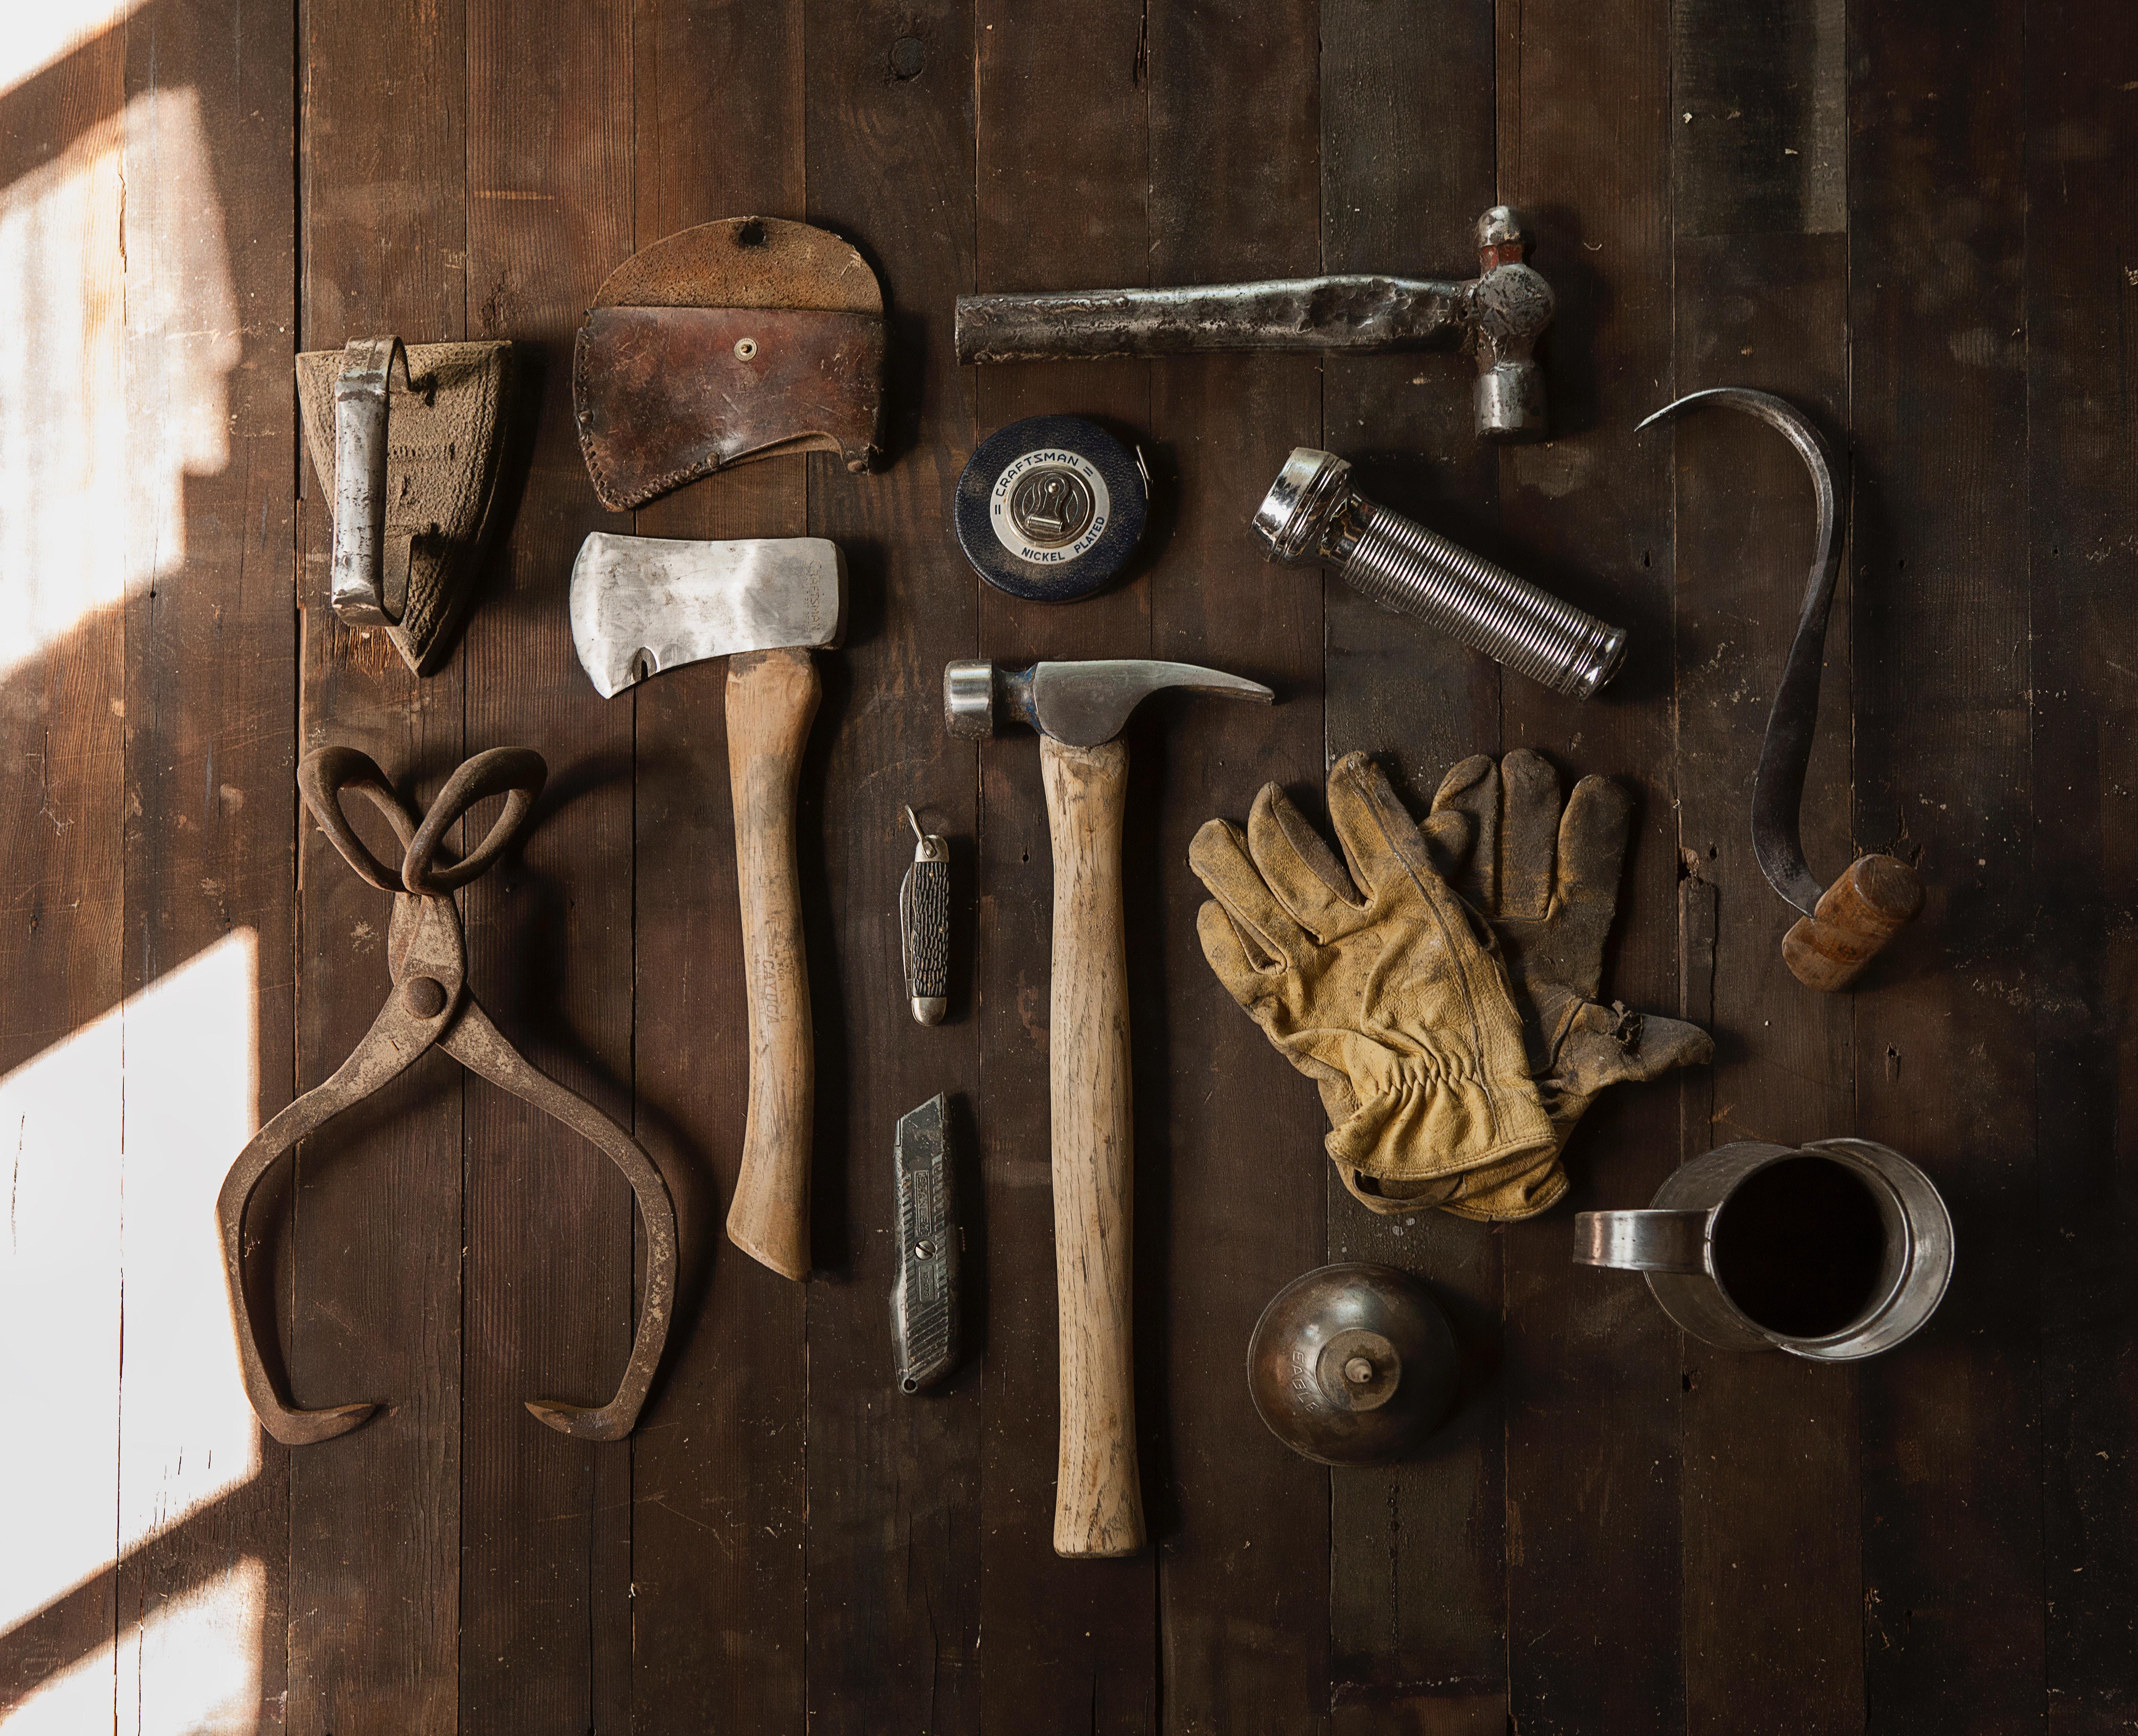 Uma caixa de ferramentas